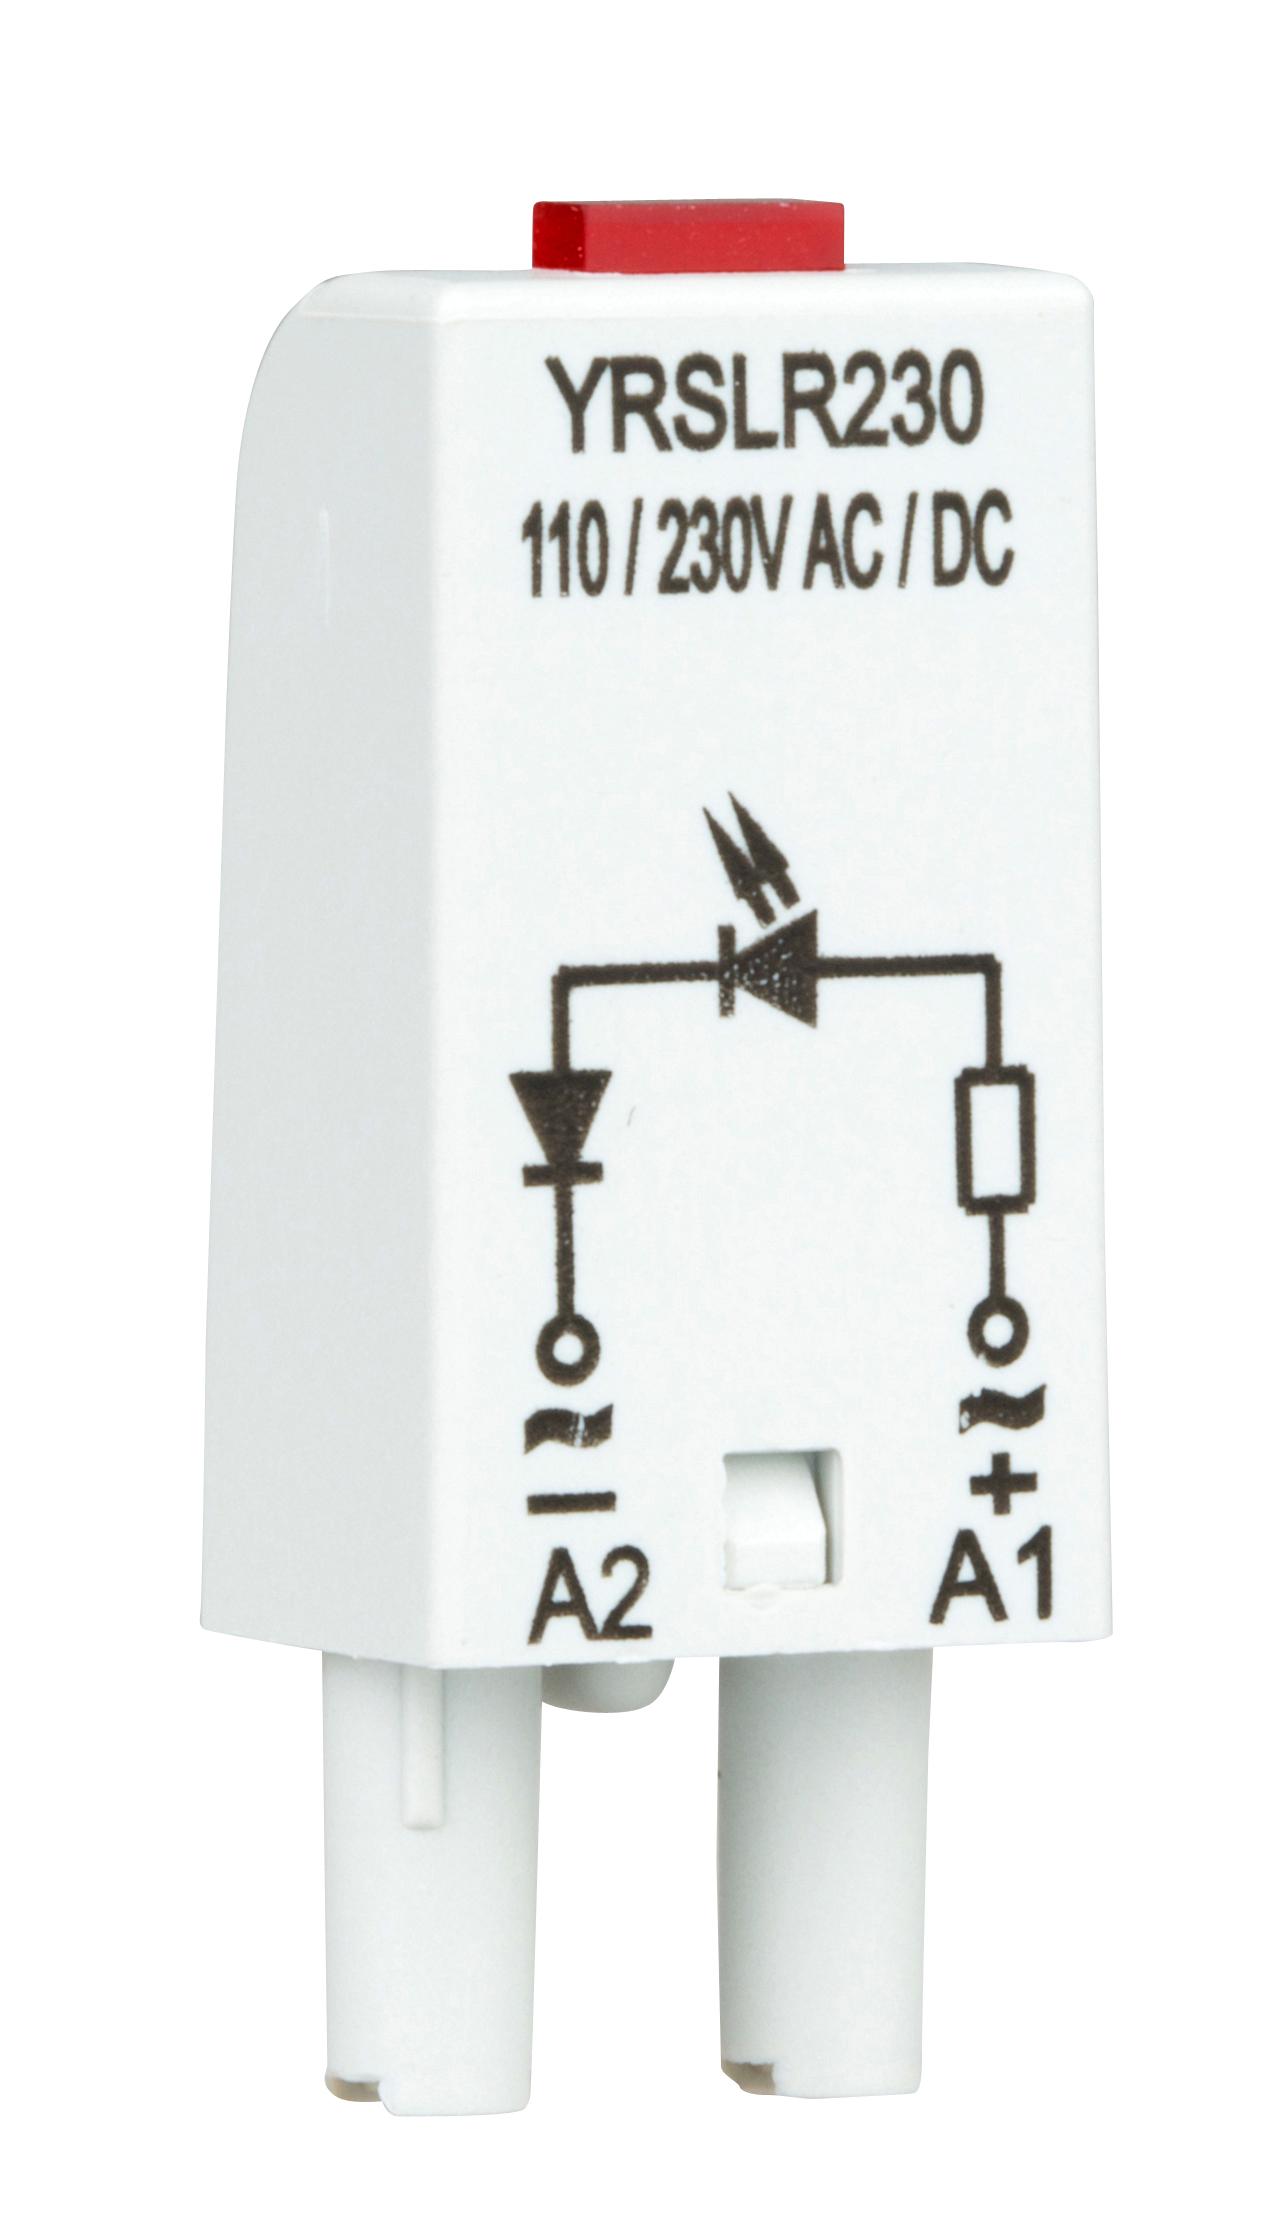 1 Stk LED-Steckmodul, rot, 110-230V AC, S-Relay Serie 4 YRSLR230--